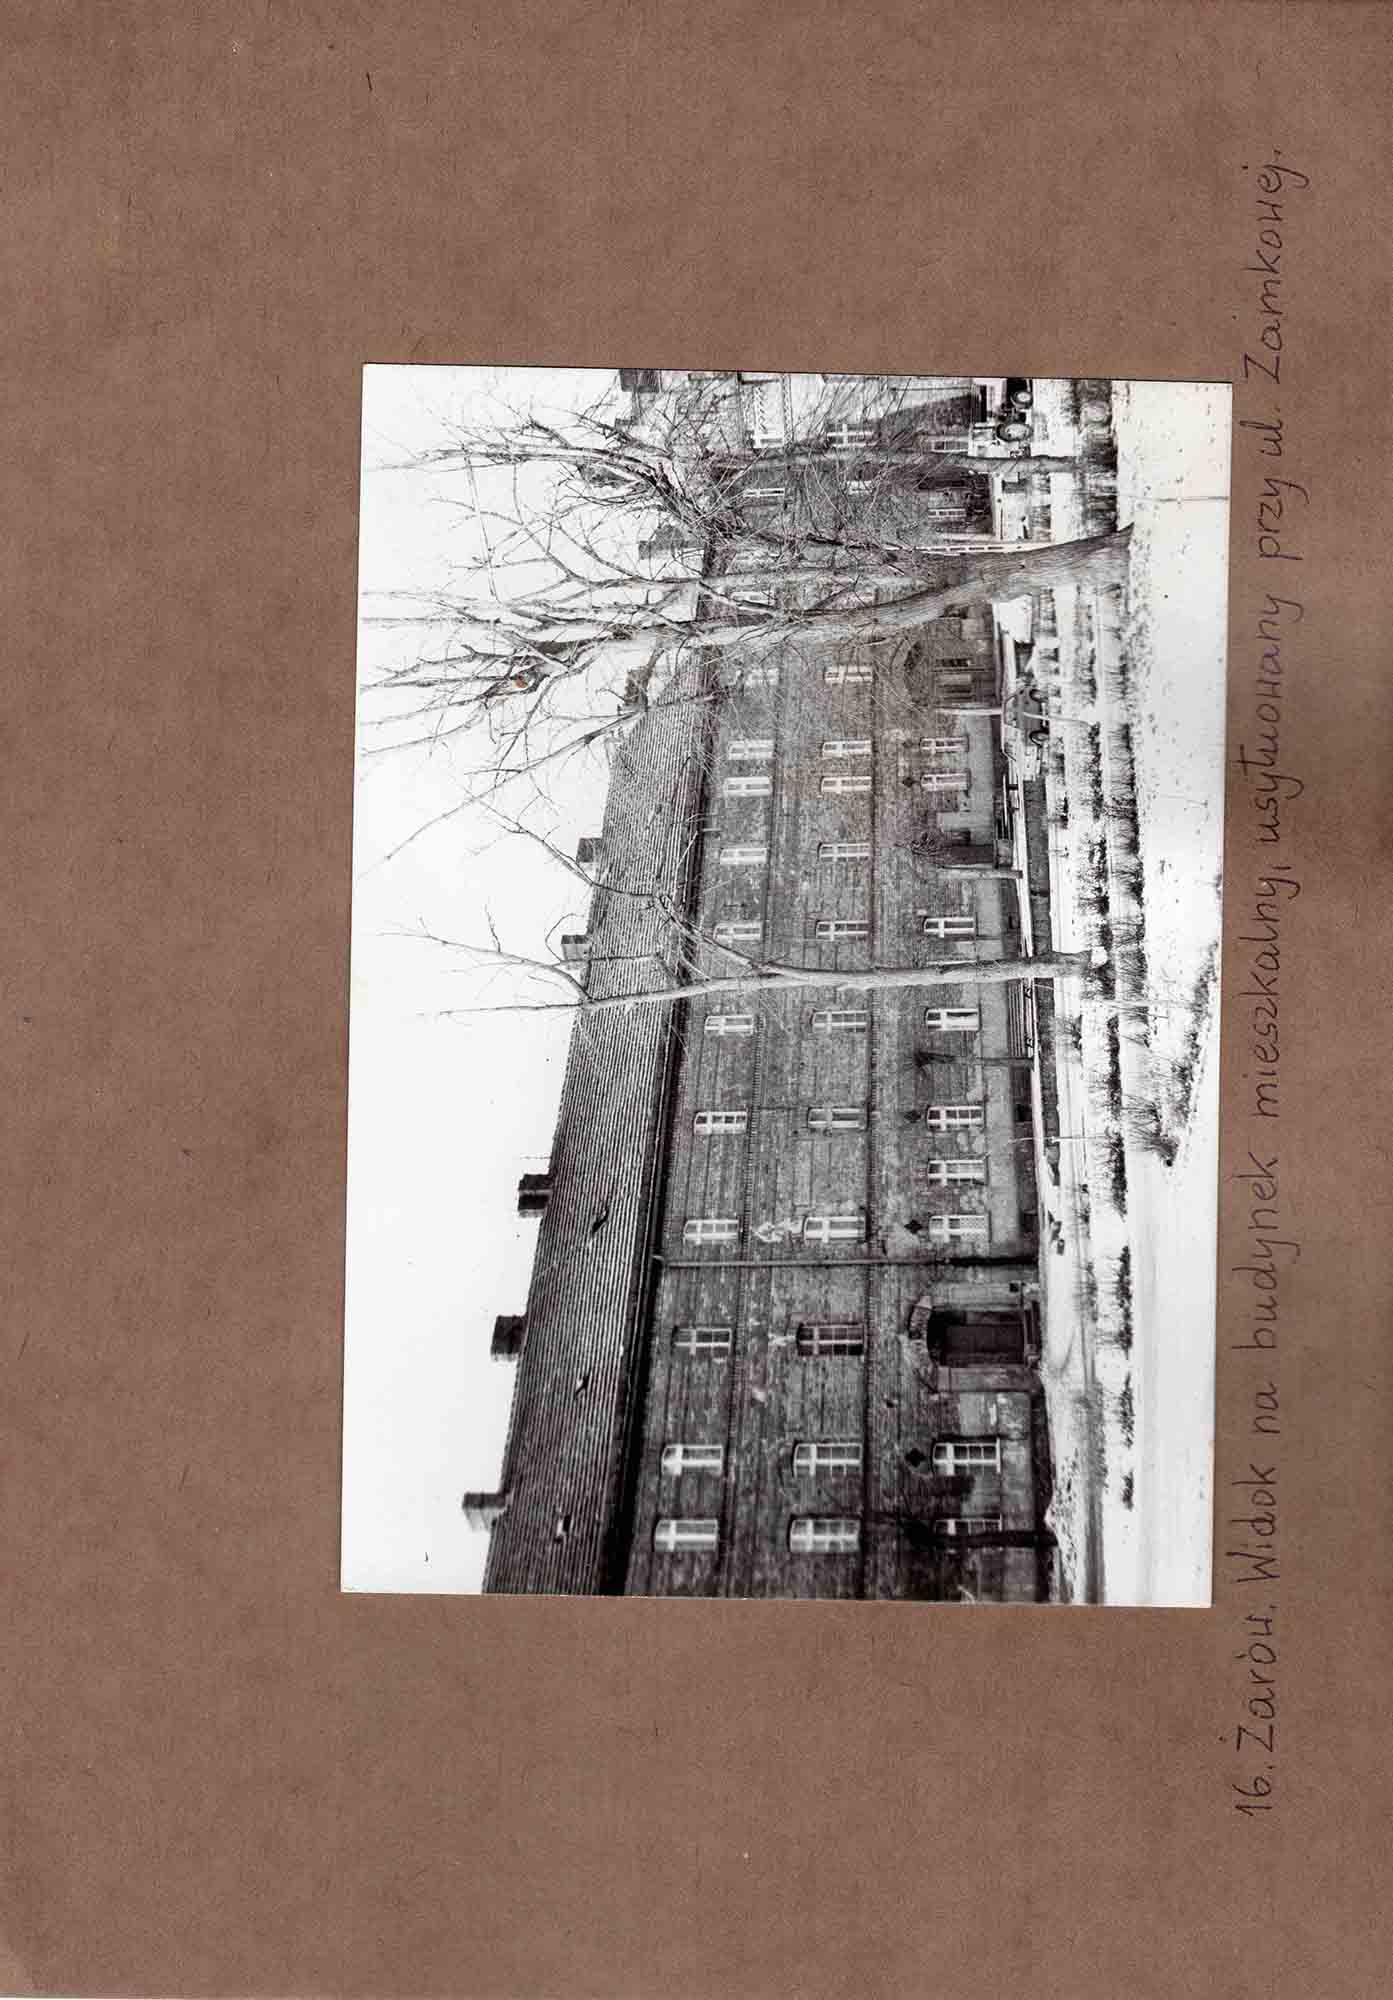 Ewidencja założenia ogrodowo-parkowego 1987 dokument (30)